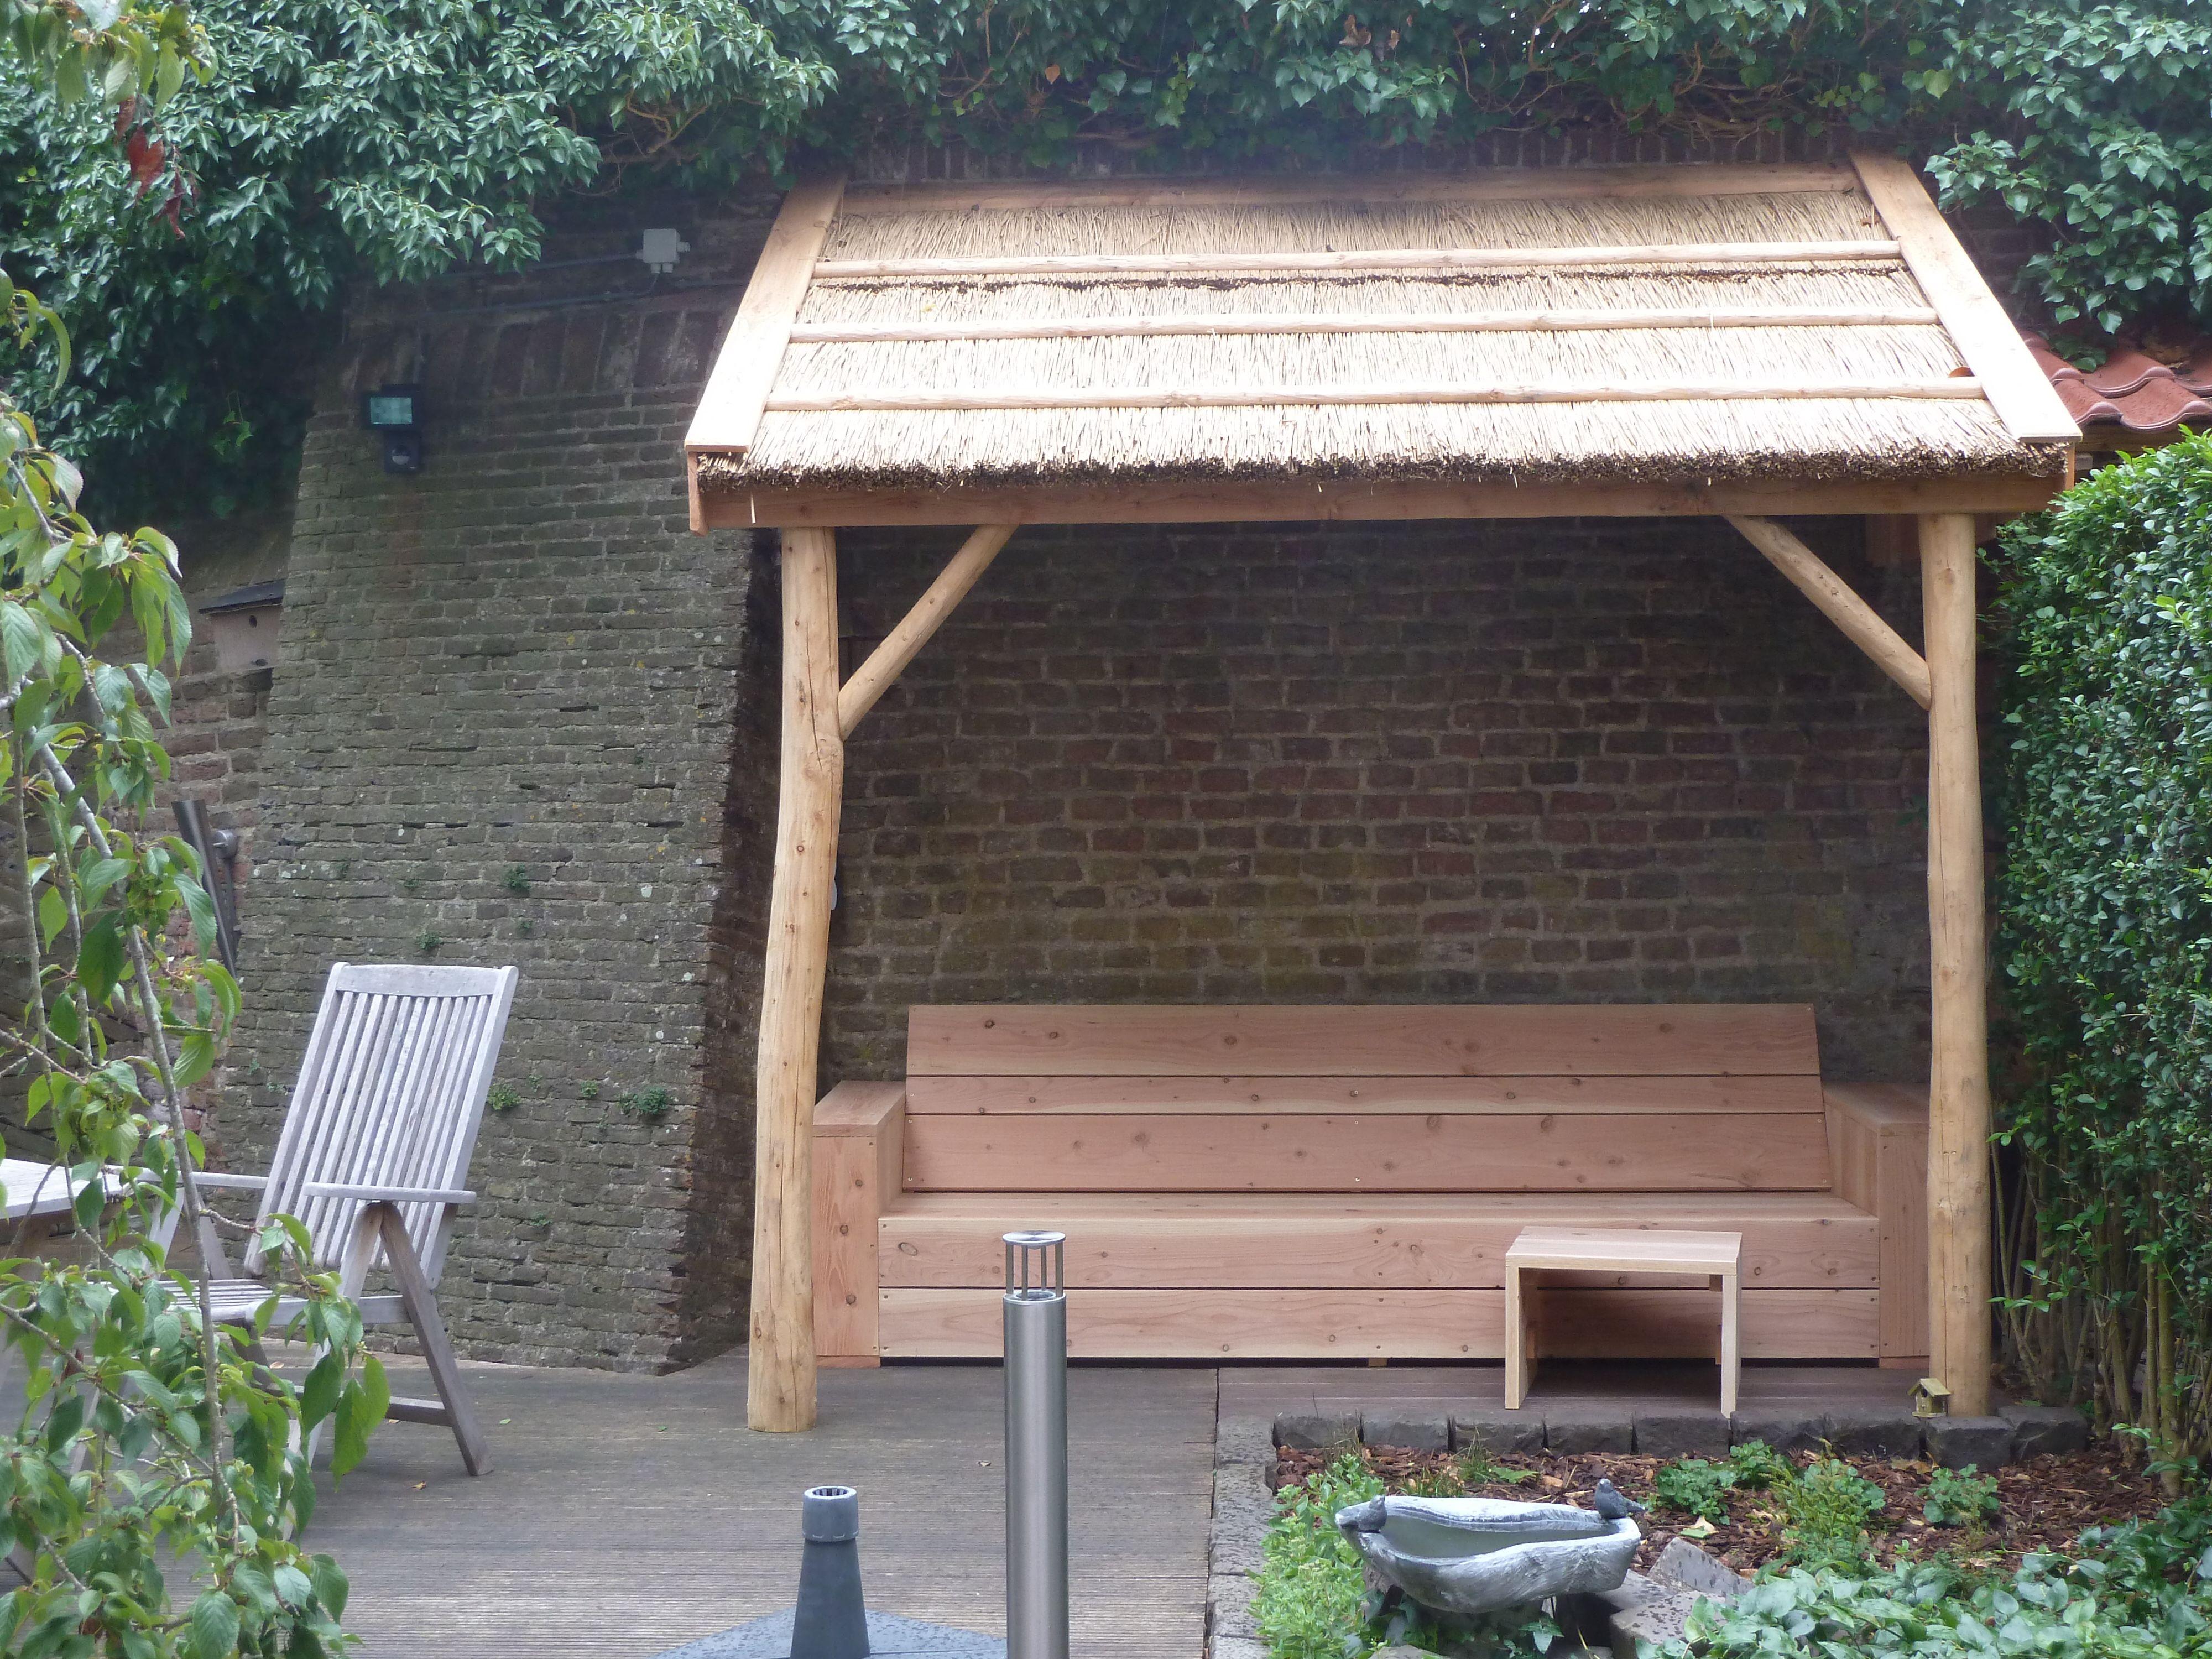 Tuin Met Overkapping : Tuin overkapping veranda met rieten dak hout creatief hout